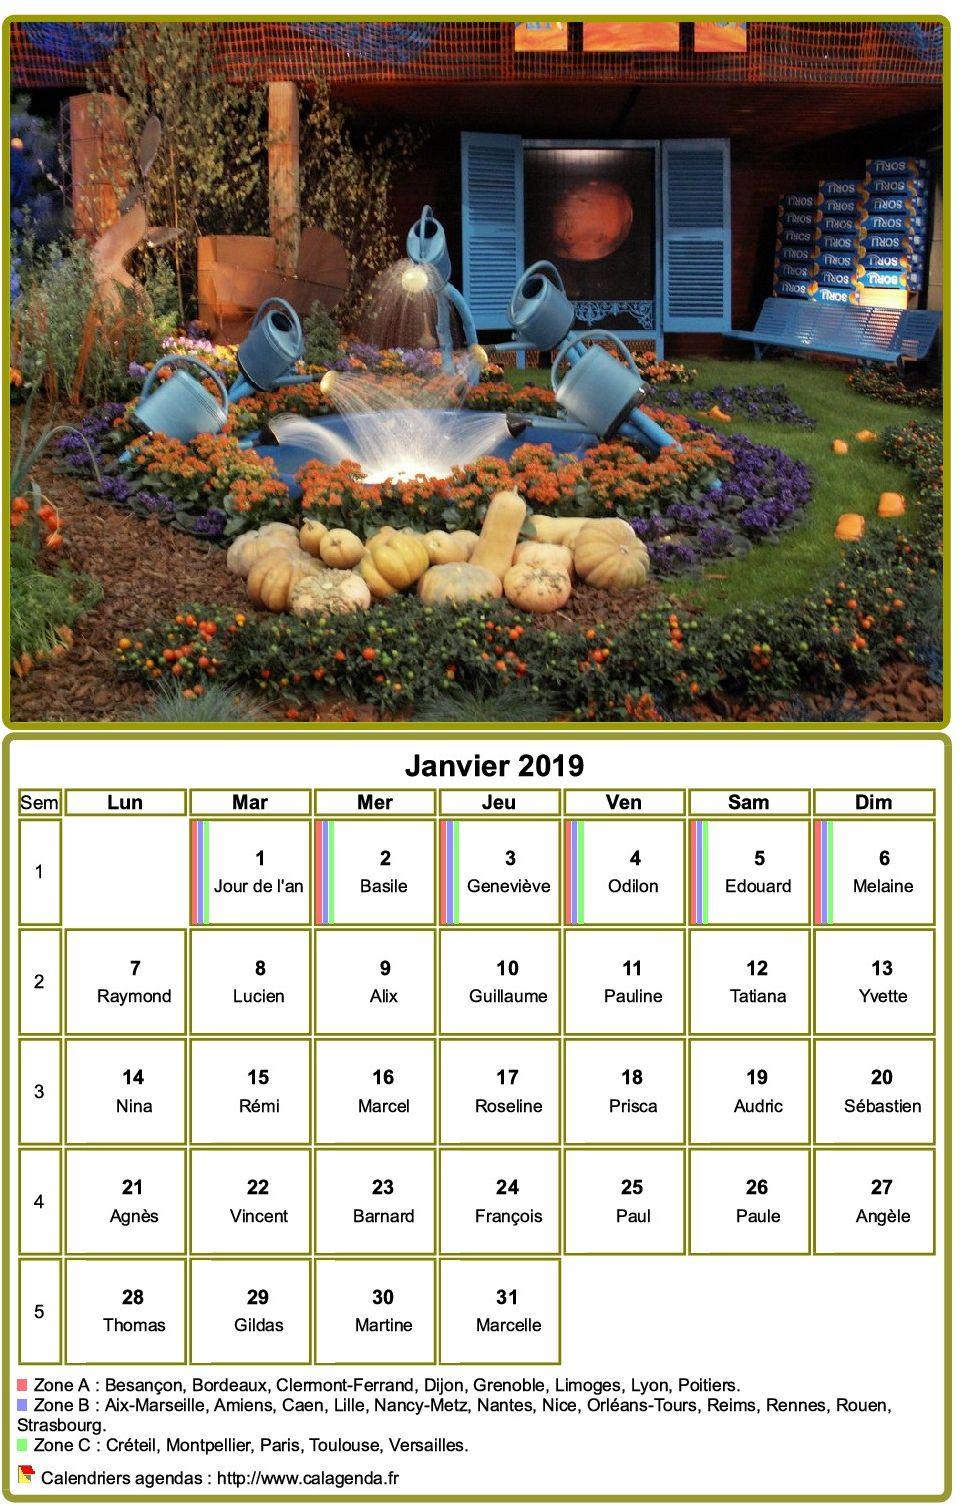 Calendrier 2019 à imprimer, mensuel, avec photographie au dessus